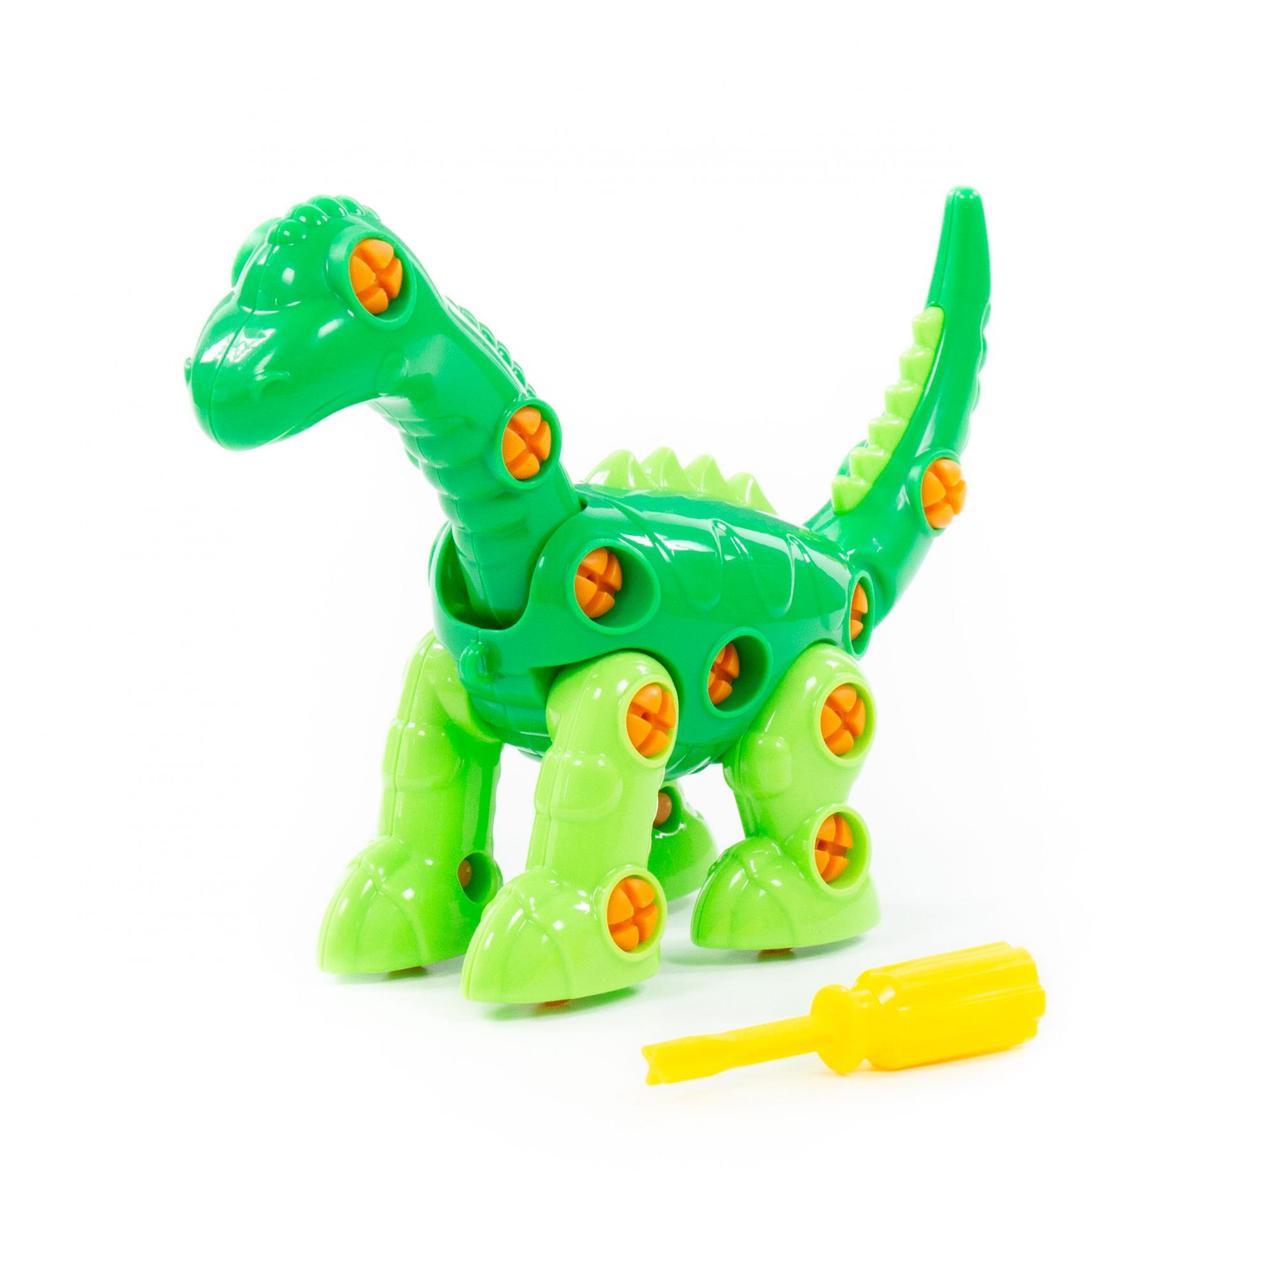 """Конструктор-динозавр """"Диплодок"""" (35 элементов) (в пакете)"""